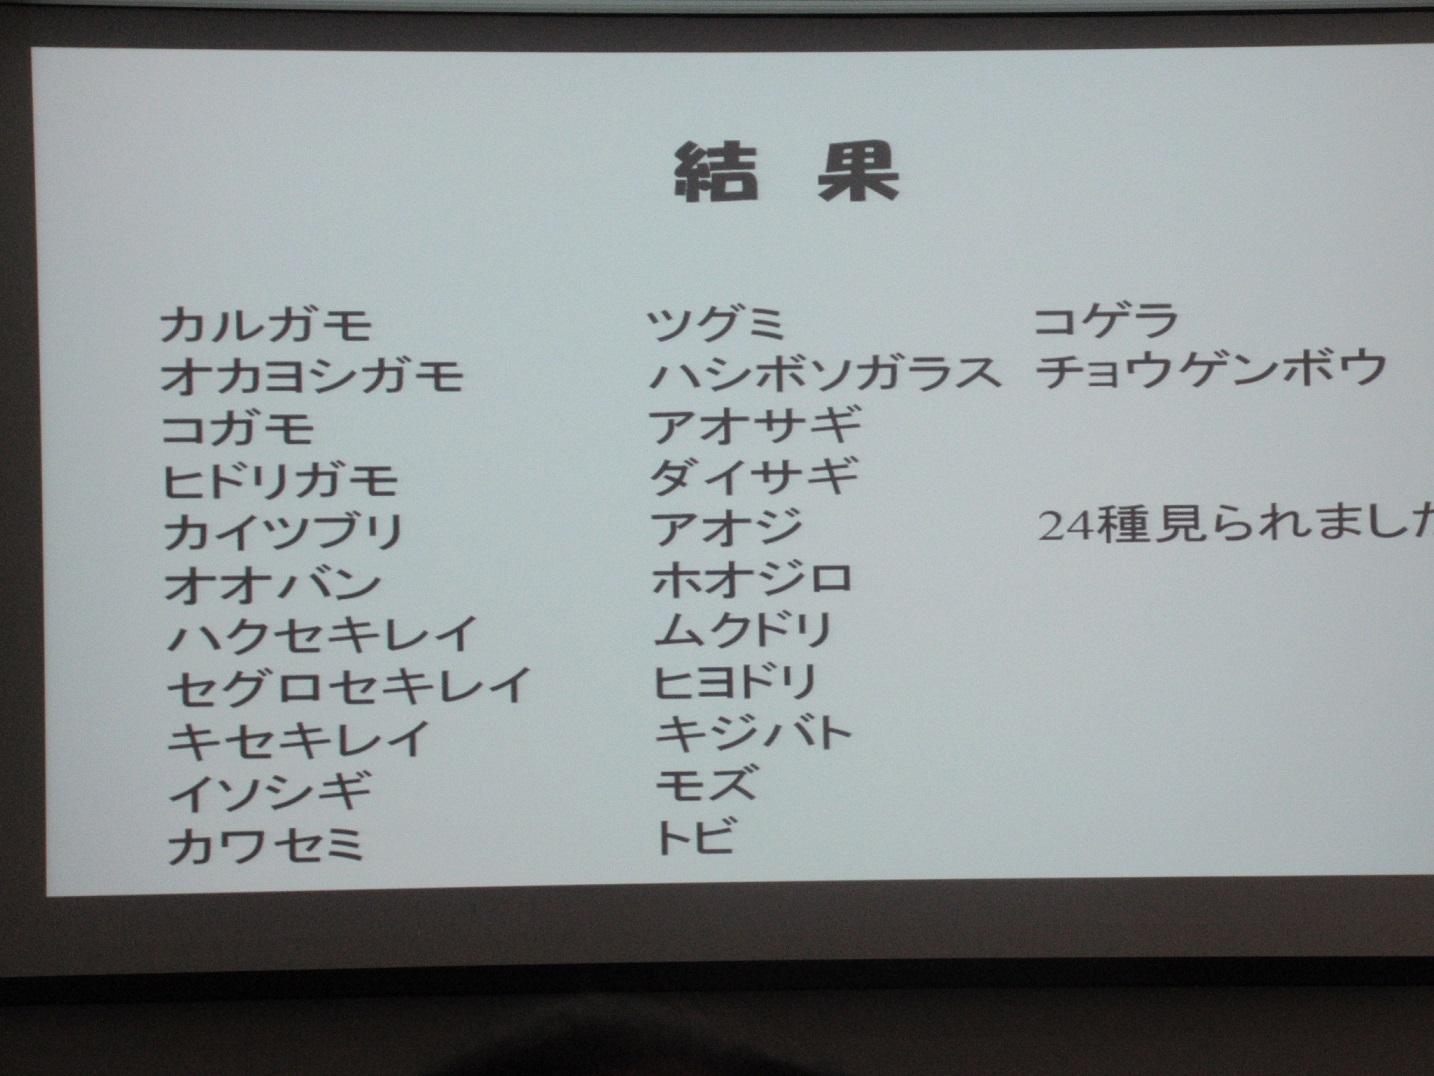 加藤さん(講師)が事前に観察した鳥の種類